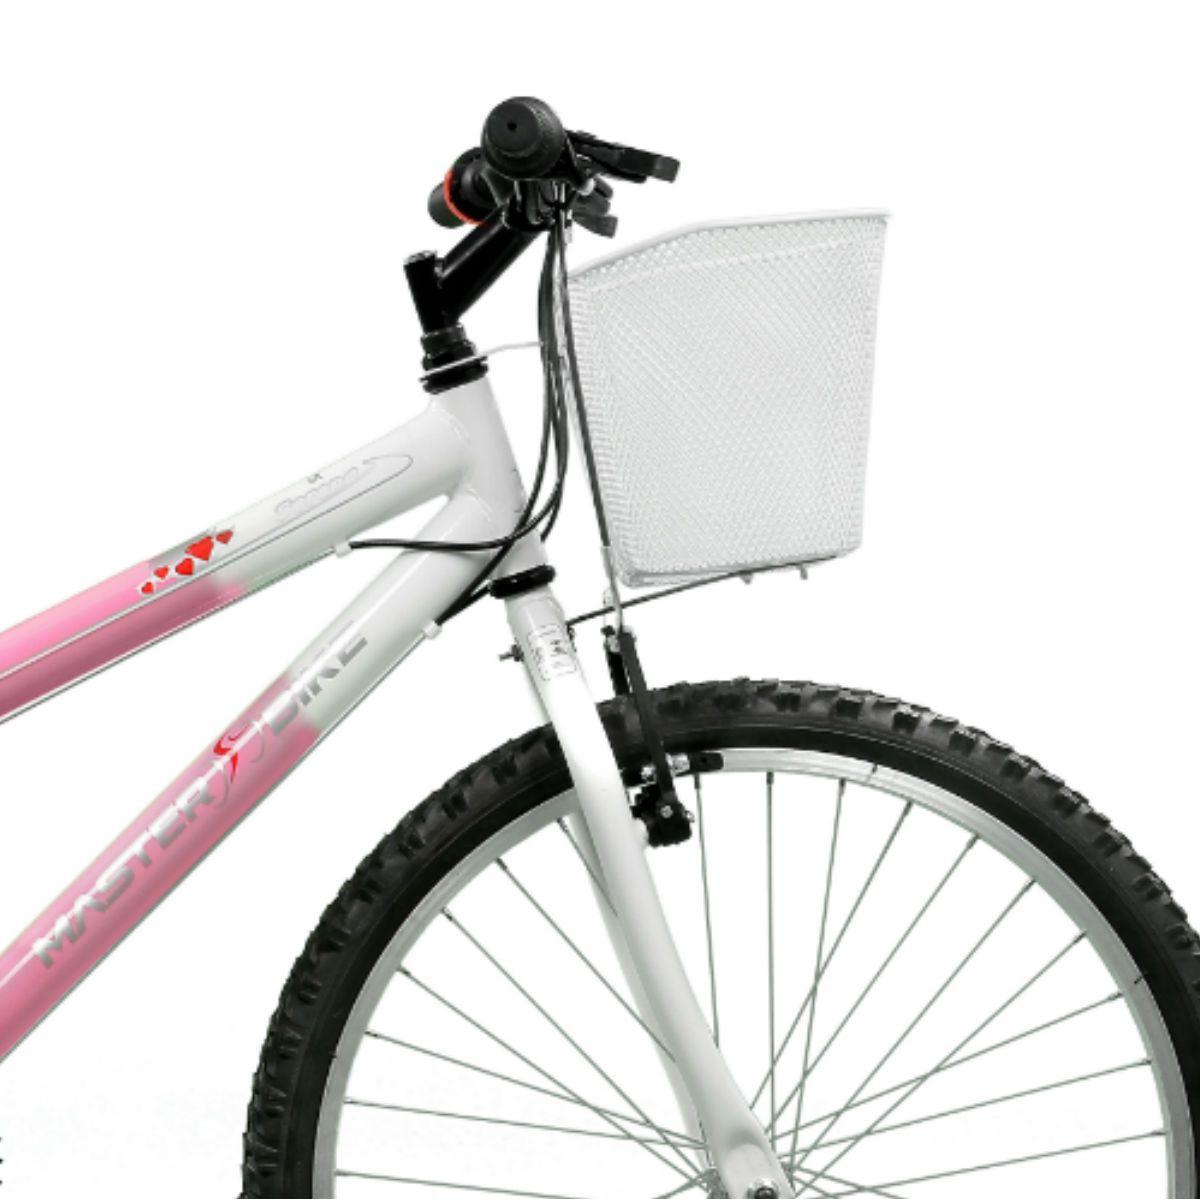 Bicicleta Master Bike Aro 24 Serena Plus 21 Marchas V-Brake Rosa/Branco